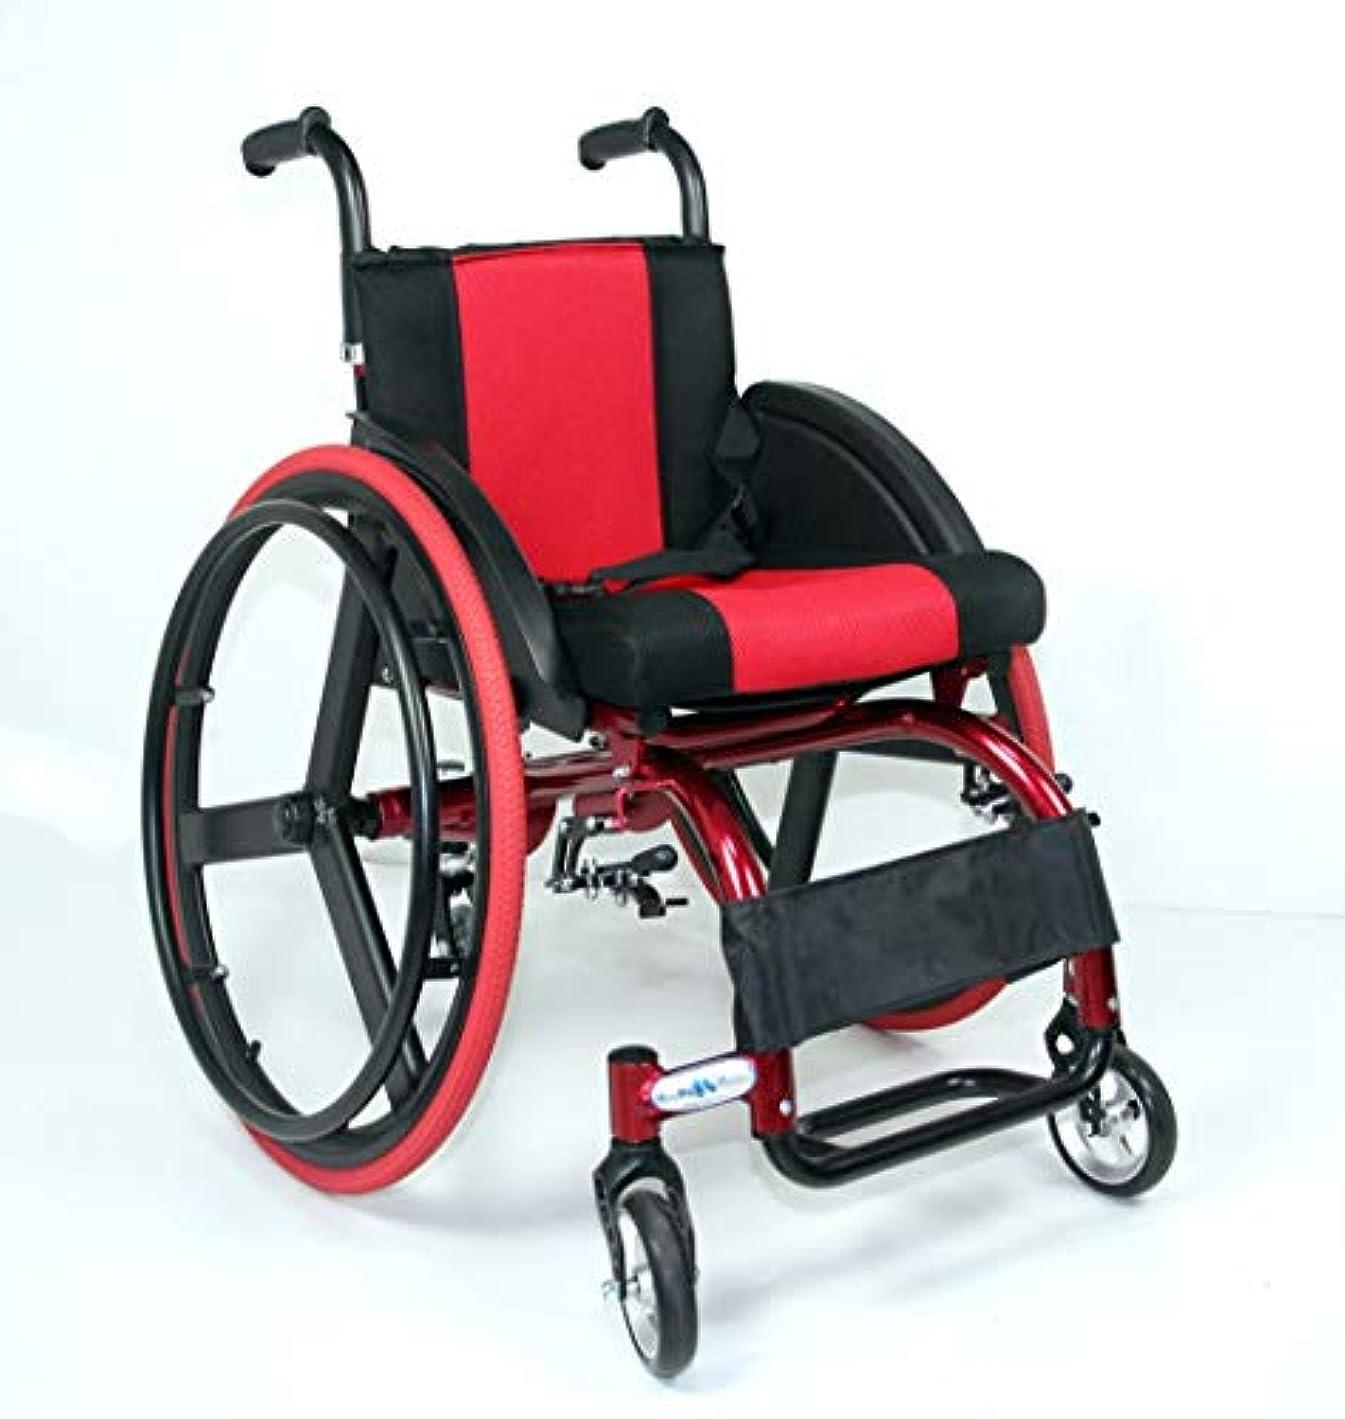 包囲パン誘惑するアルミ合金のクイックリリースの後部車輪の衝撃吸収材のトロリーが付いている余暇の車椅子ライトポータブル、24インチの後部車輪は1つのボタンで取除くことができます